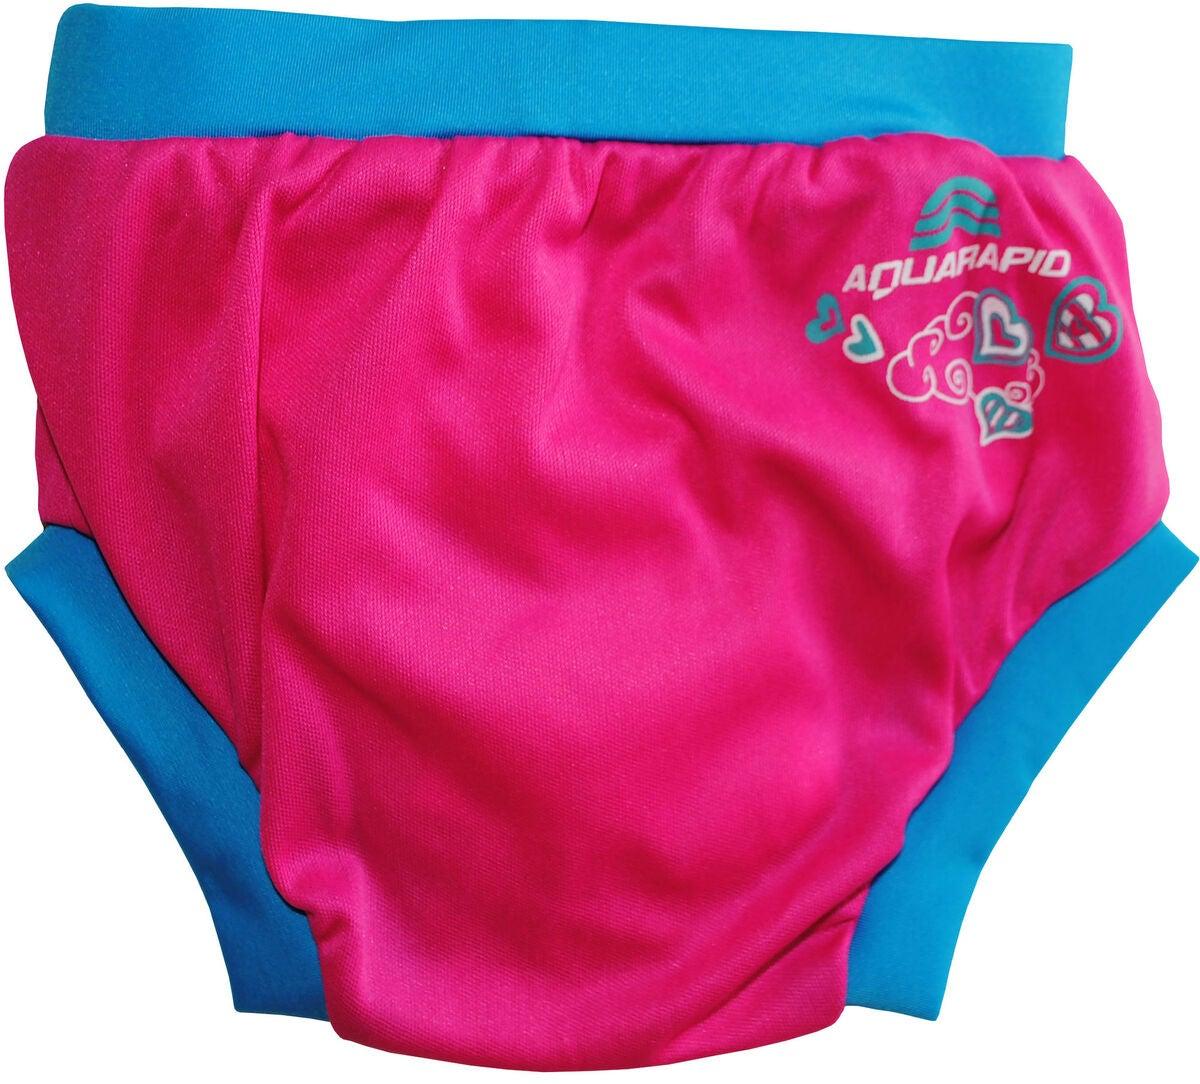 Köp Aquarapid Baby Pony Aqua Badblöja ffce4539340c4